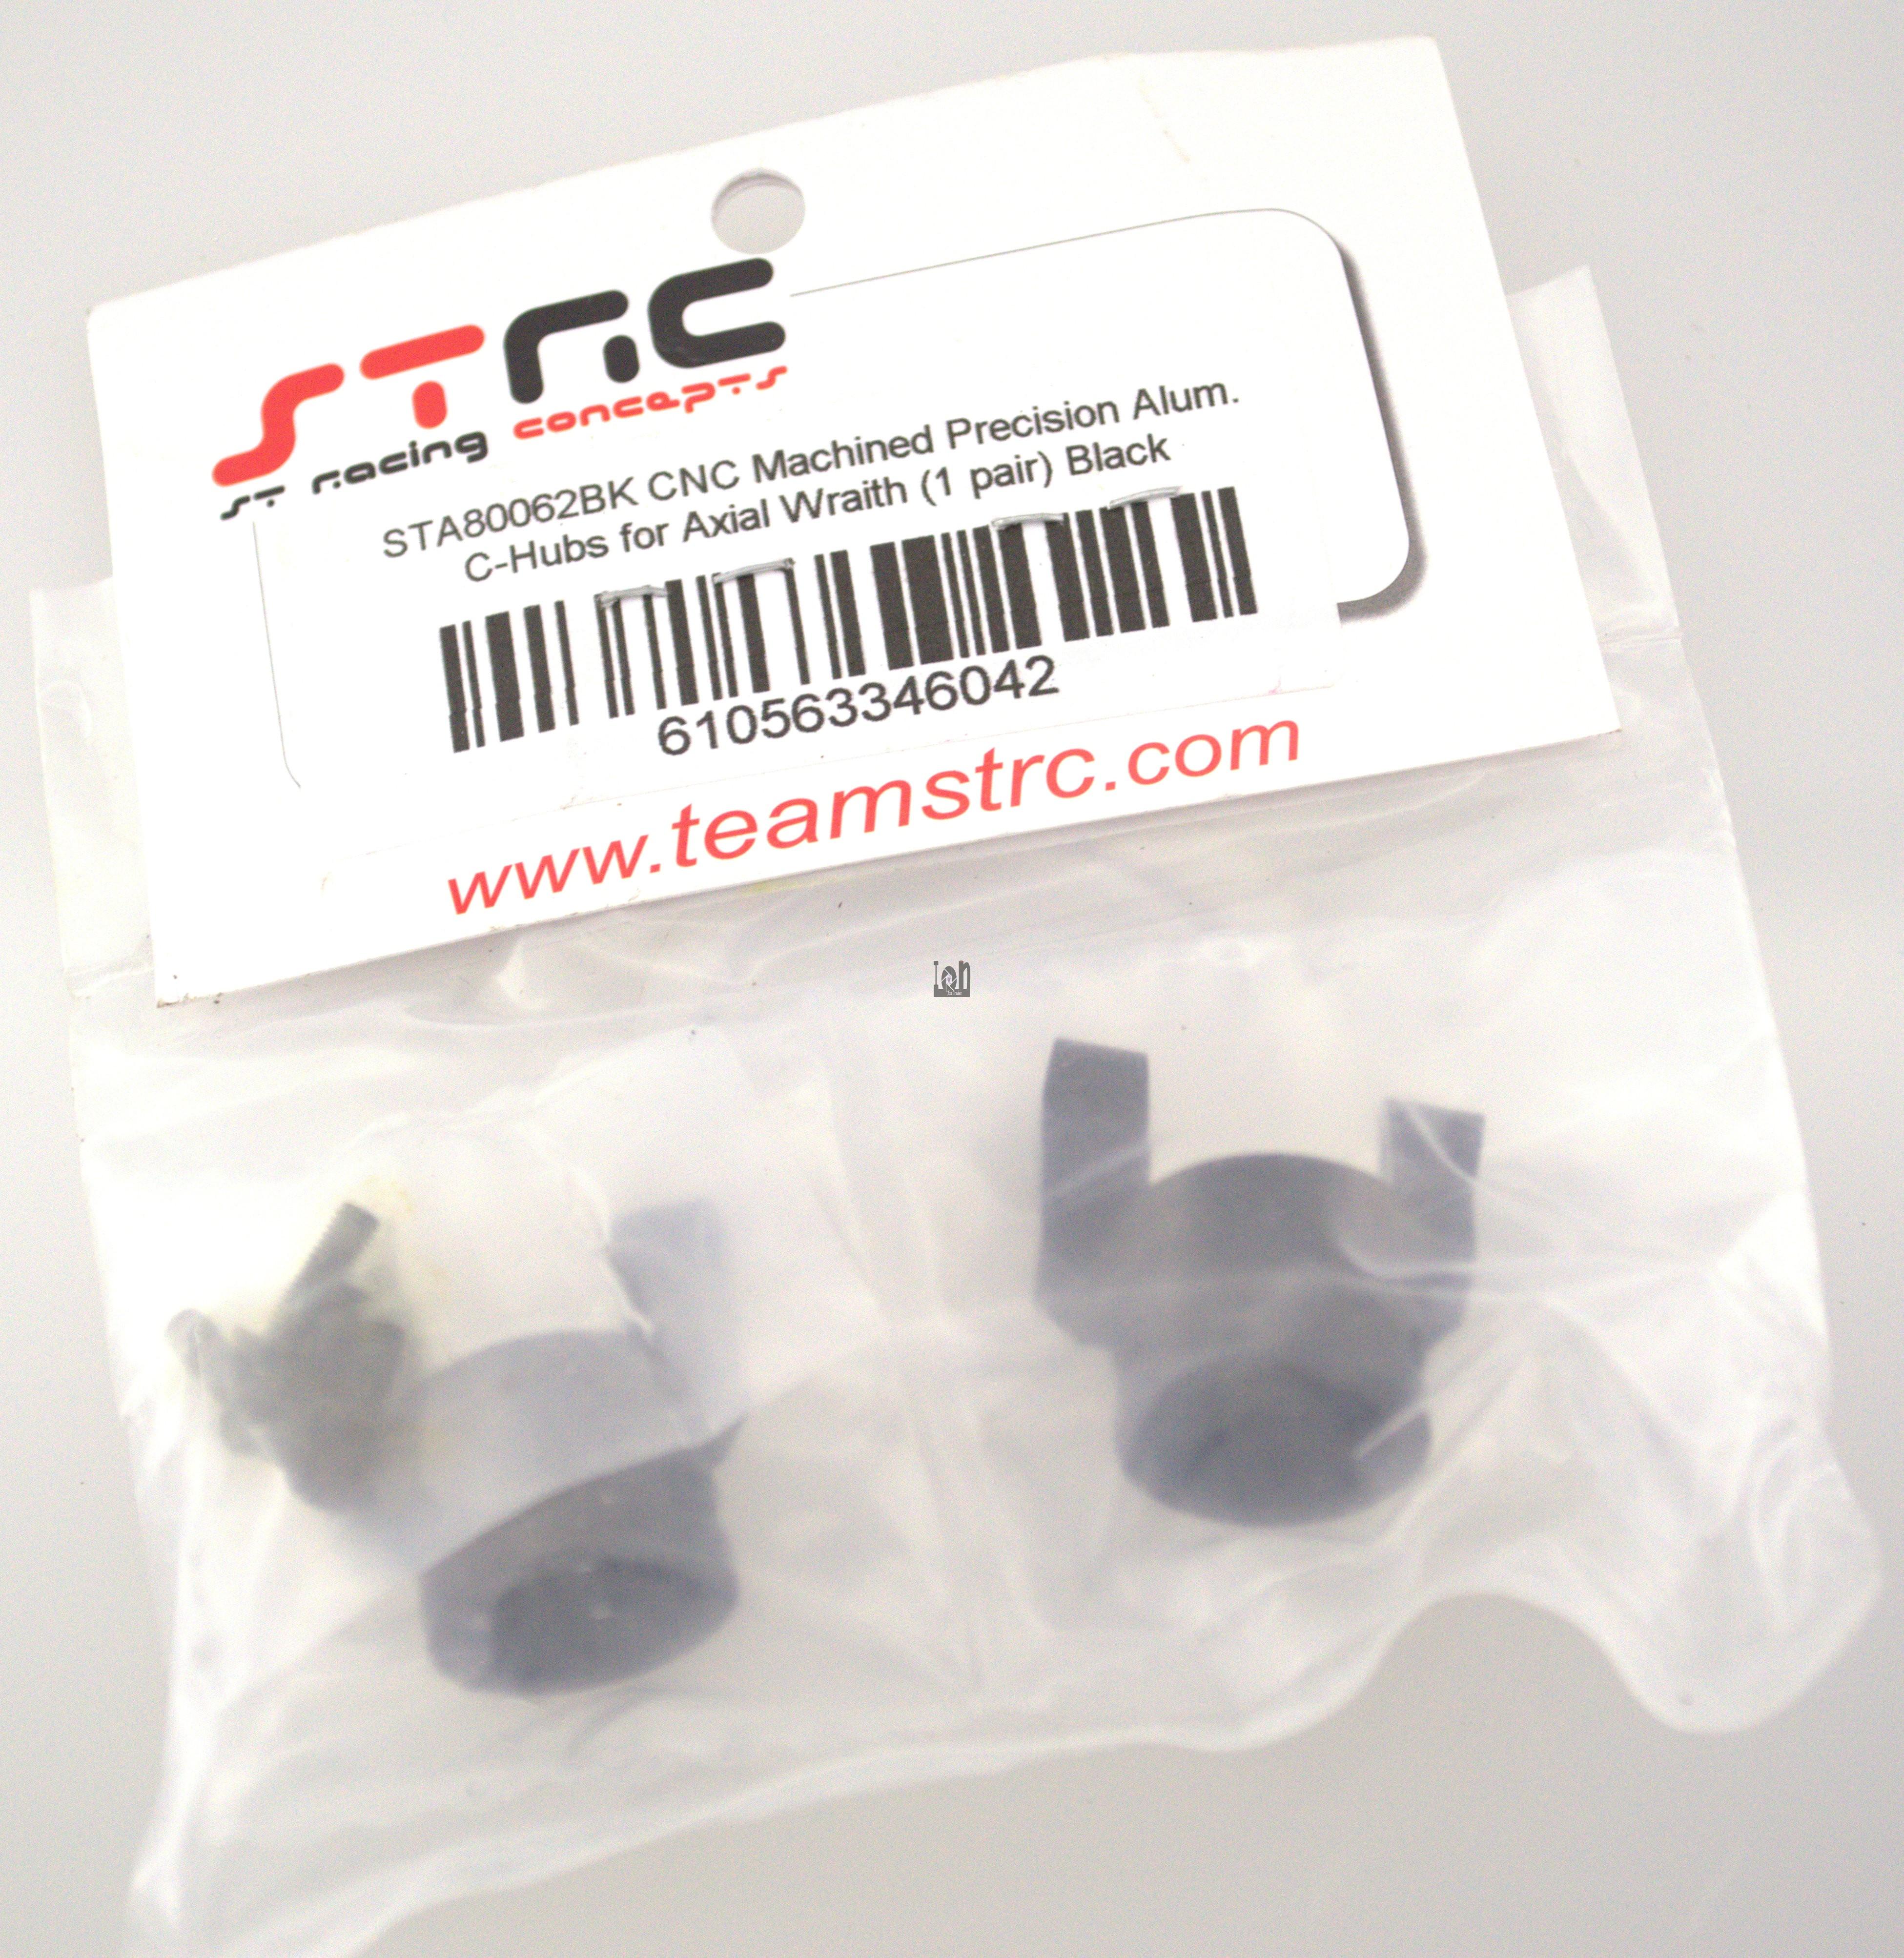 STA800621BK ST Racing CNC  Aluminum RC C-Hub Axial Wrath Parts